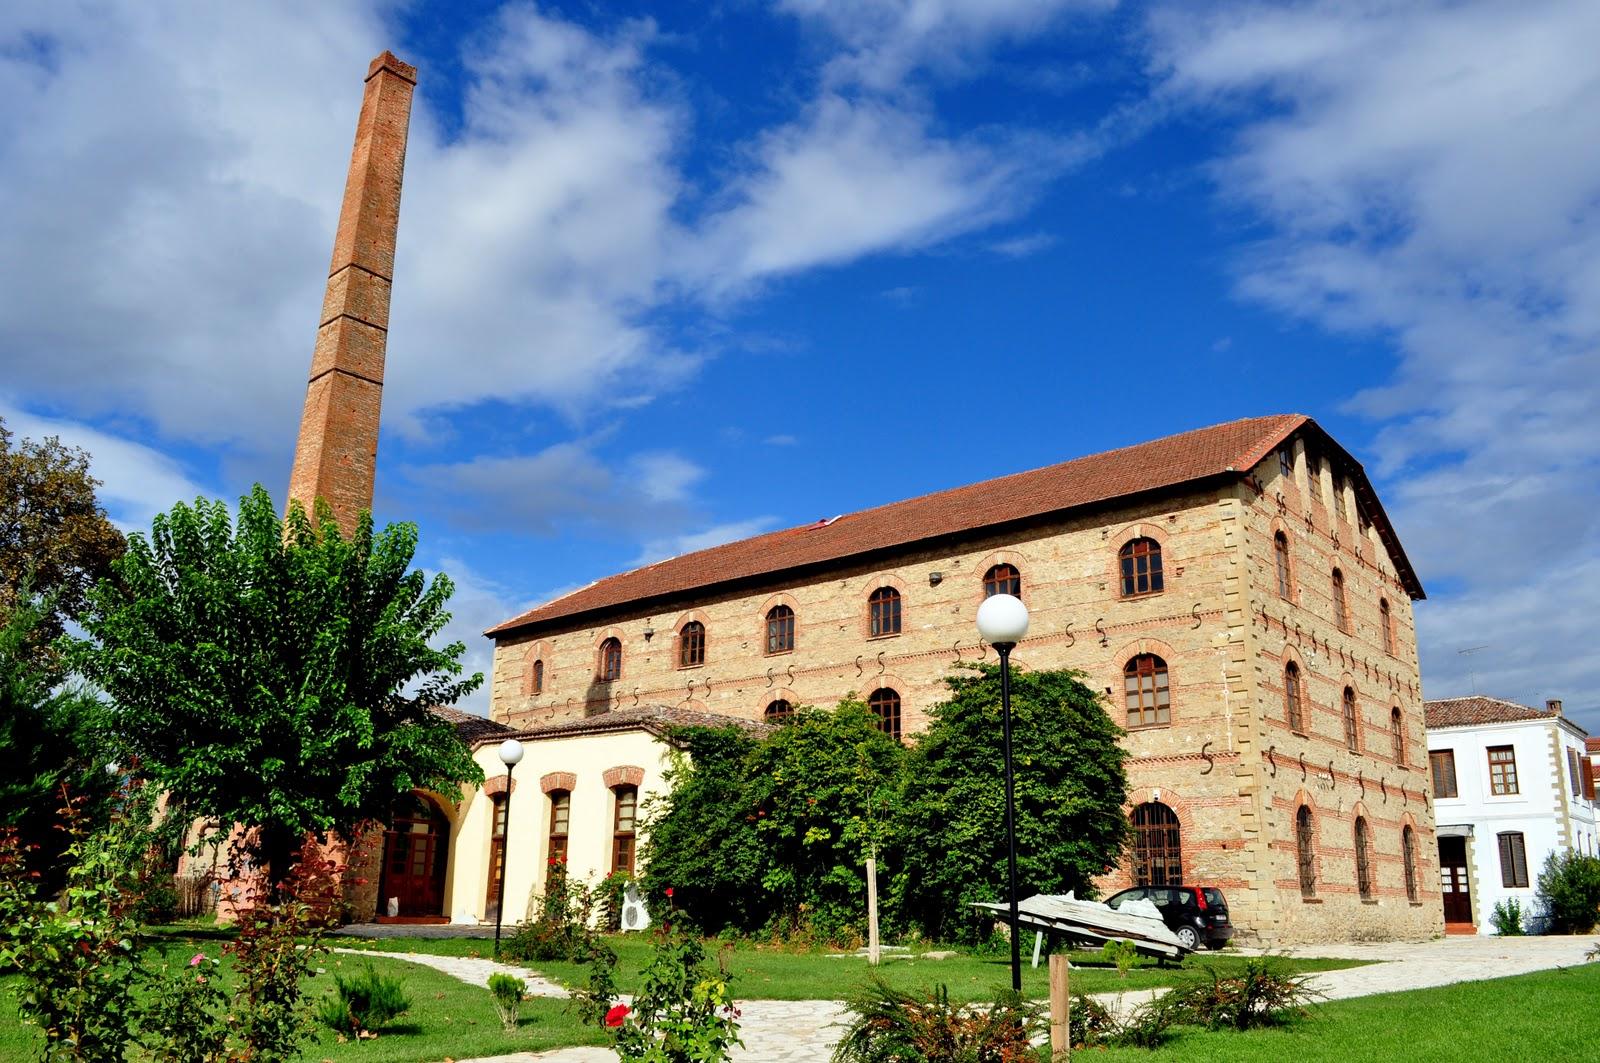 Εγκαινιάζεται επισήμως ο Μύλος Ματσόπουλου στα Τρίκαλα ως Βιομηχανικό Μουσείο